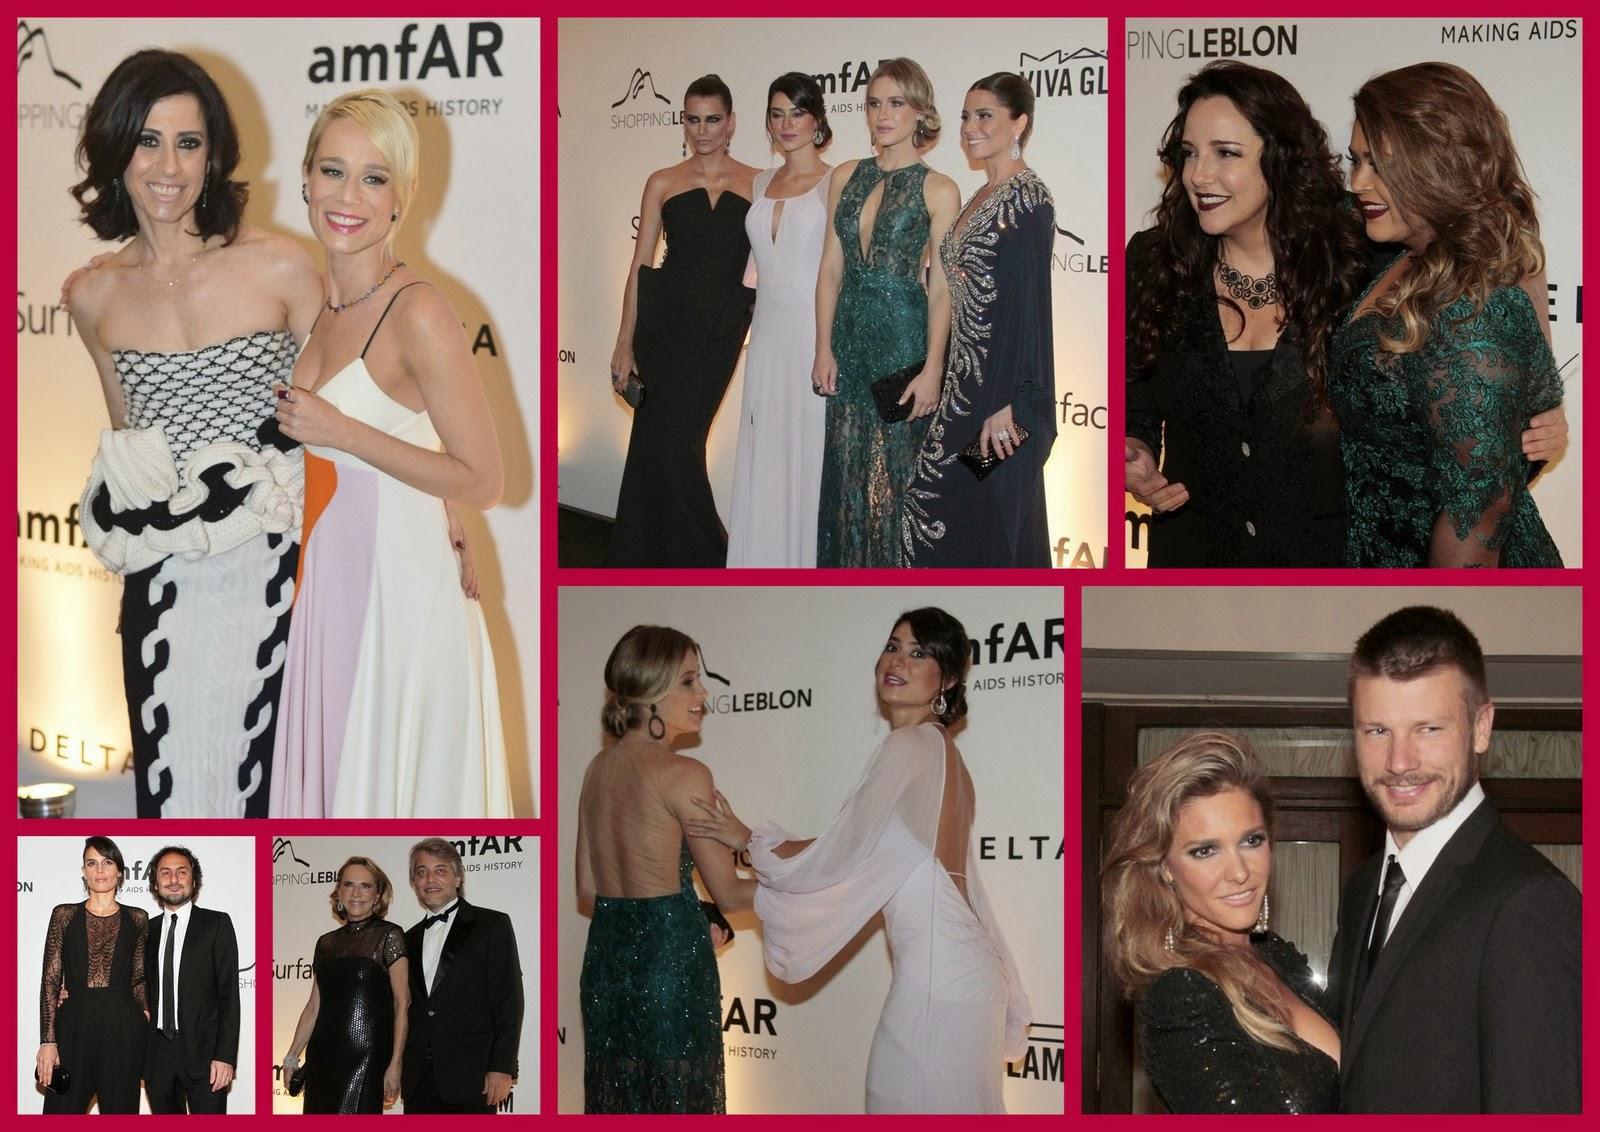 9055e9c8795cd ... a noite de glamour e solidariedade, reuniu Celebridades brasileiras e  estrangeiras, Artistas, Modelos, Fashionistas, Empresários e Jornalistas,  ...